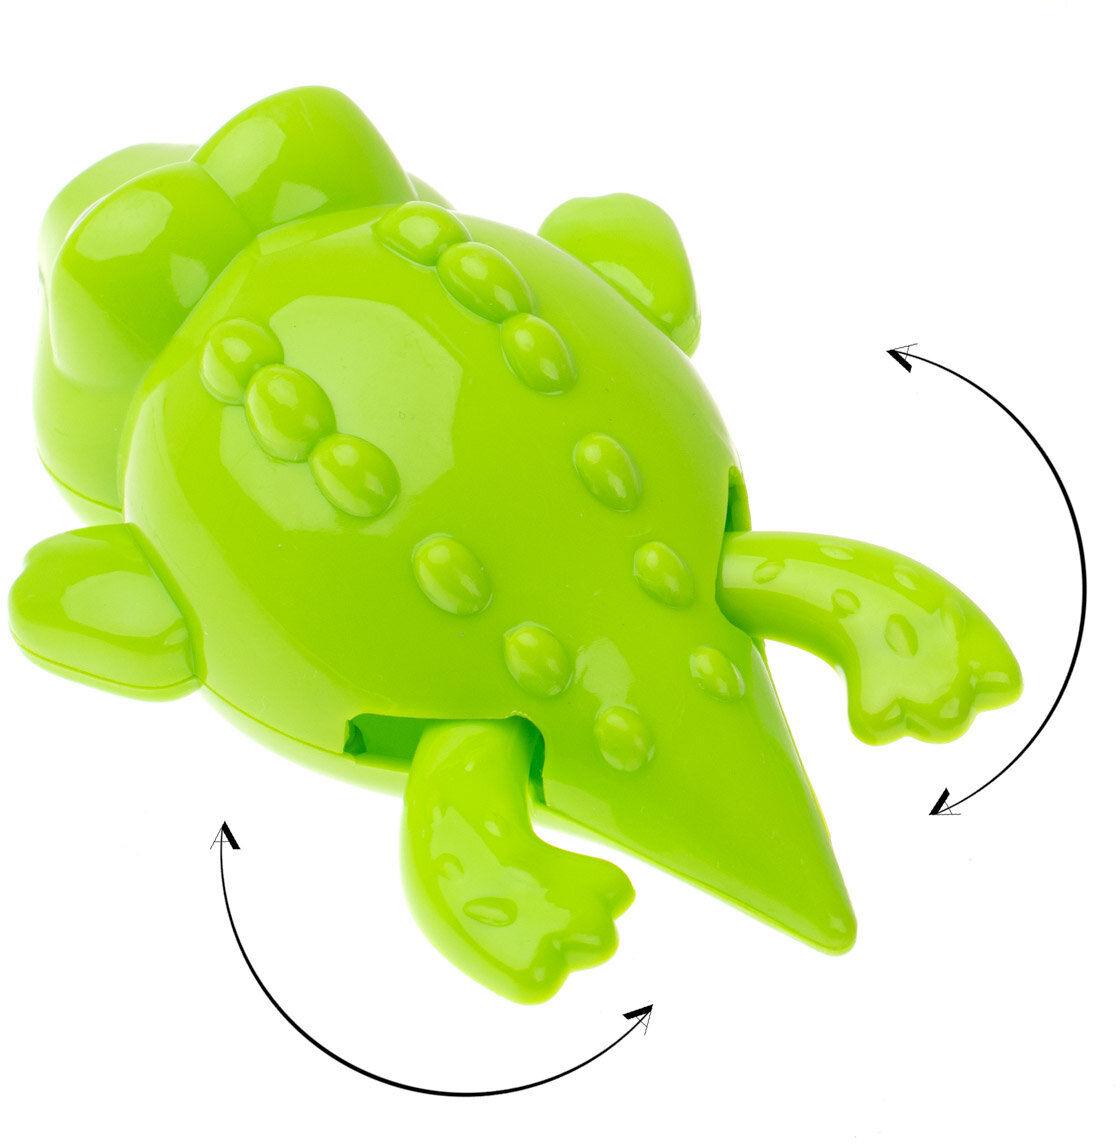 Zabawka do kąpieli pływający nakręcany krokodyl